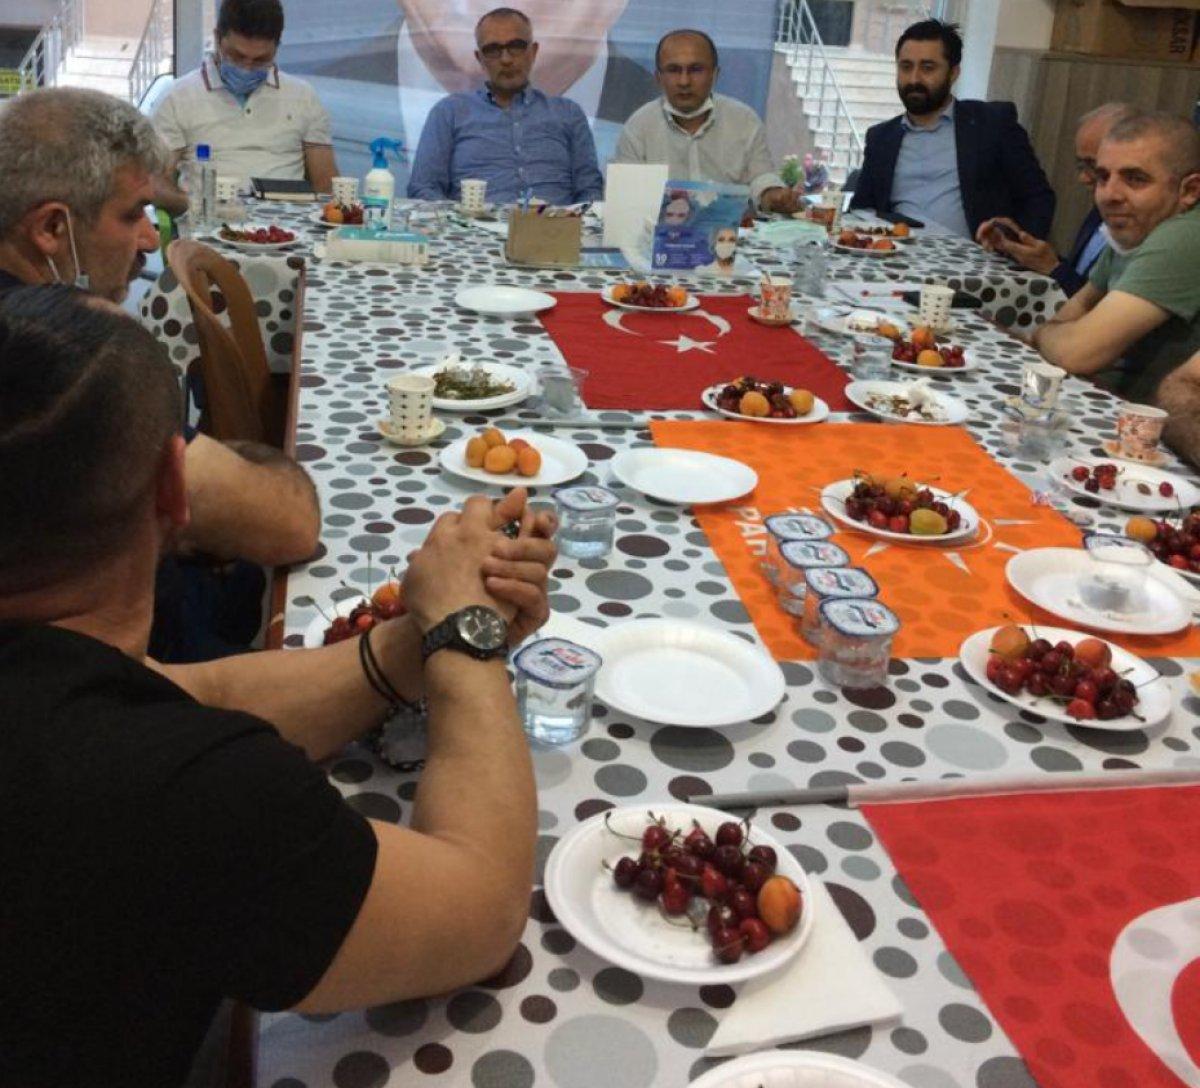 Türk bayrağı üzerinde yemek yenilmesine sert tepki #1